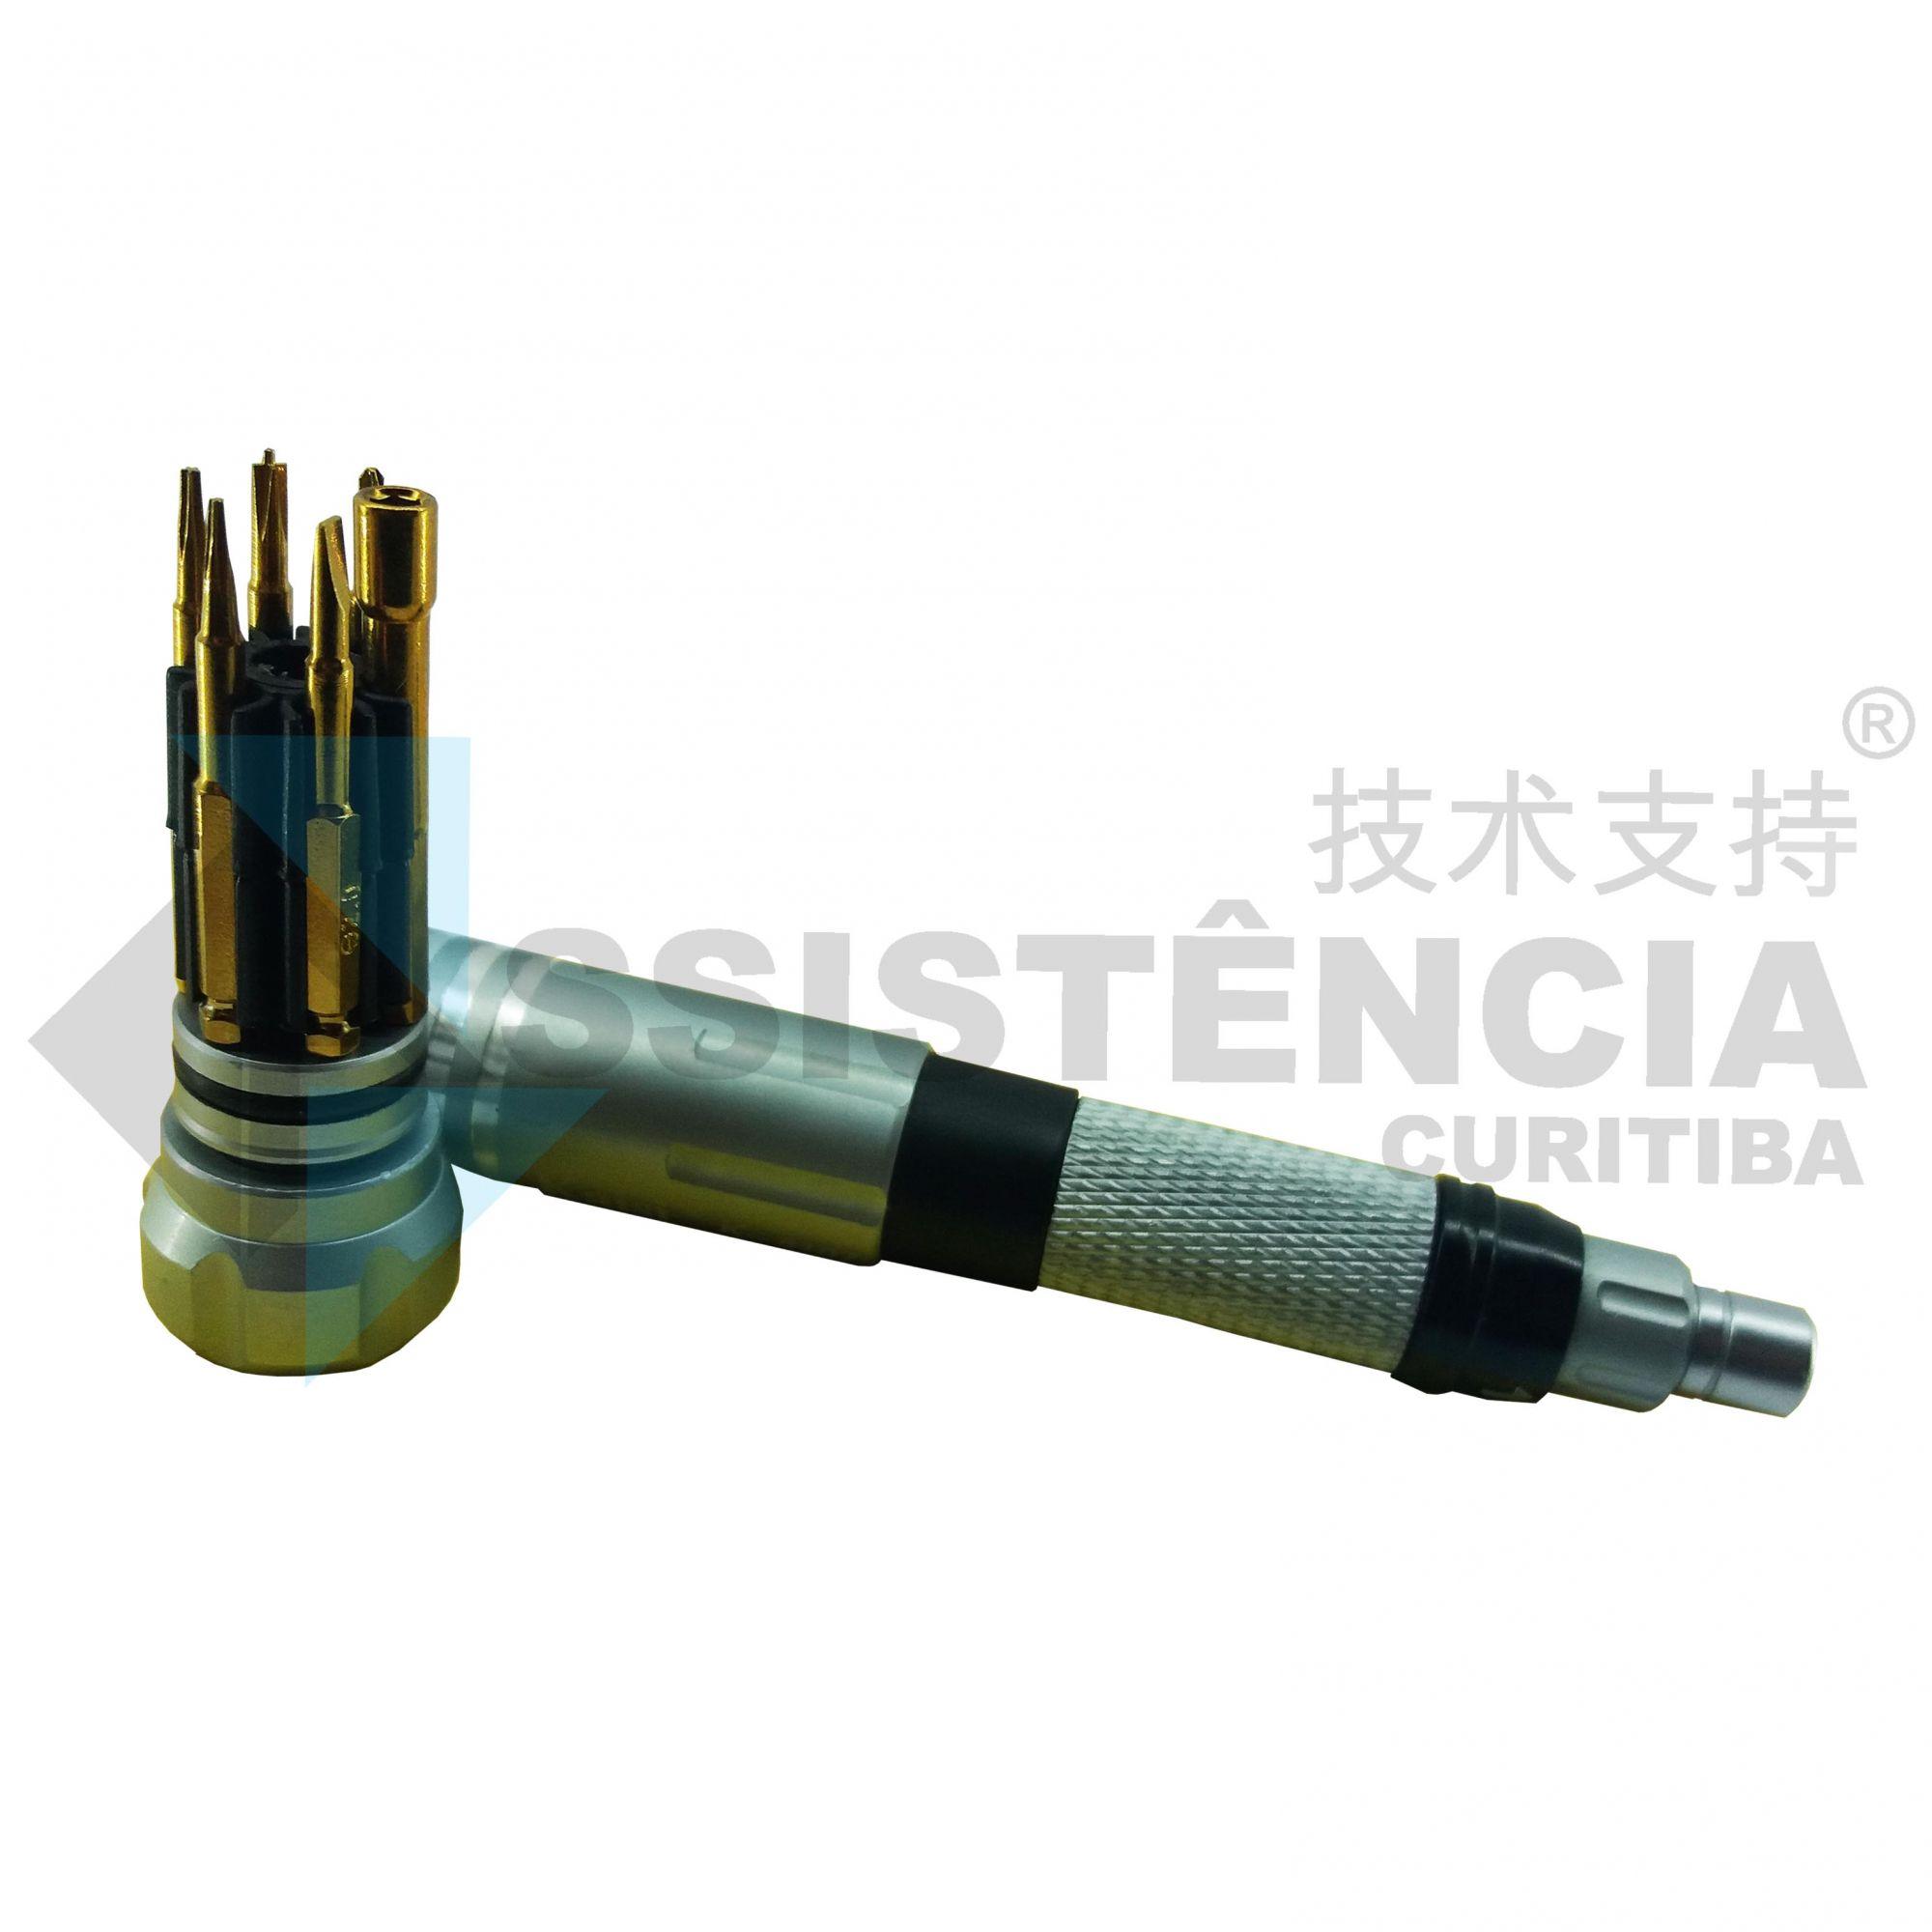 Kit De Chave Multifuncional 6 Em 1 Para Reparos Em Celulares E Outros Eletrônicos Kaisi K-8107 Prata